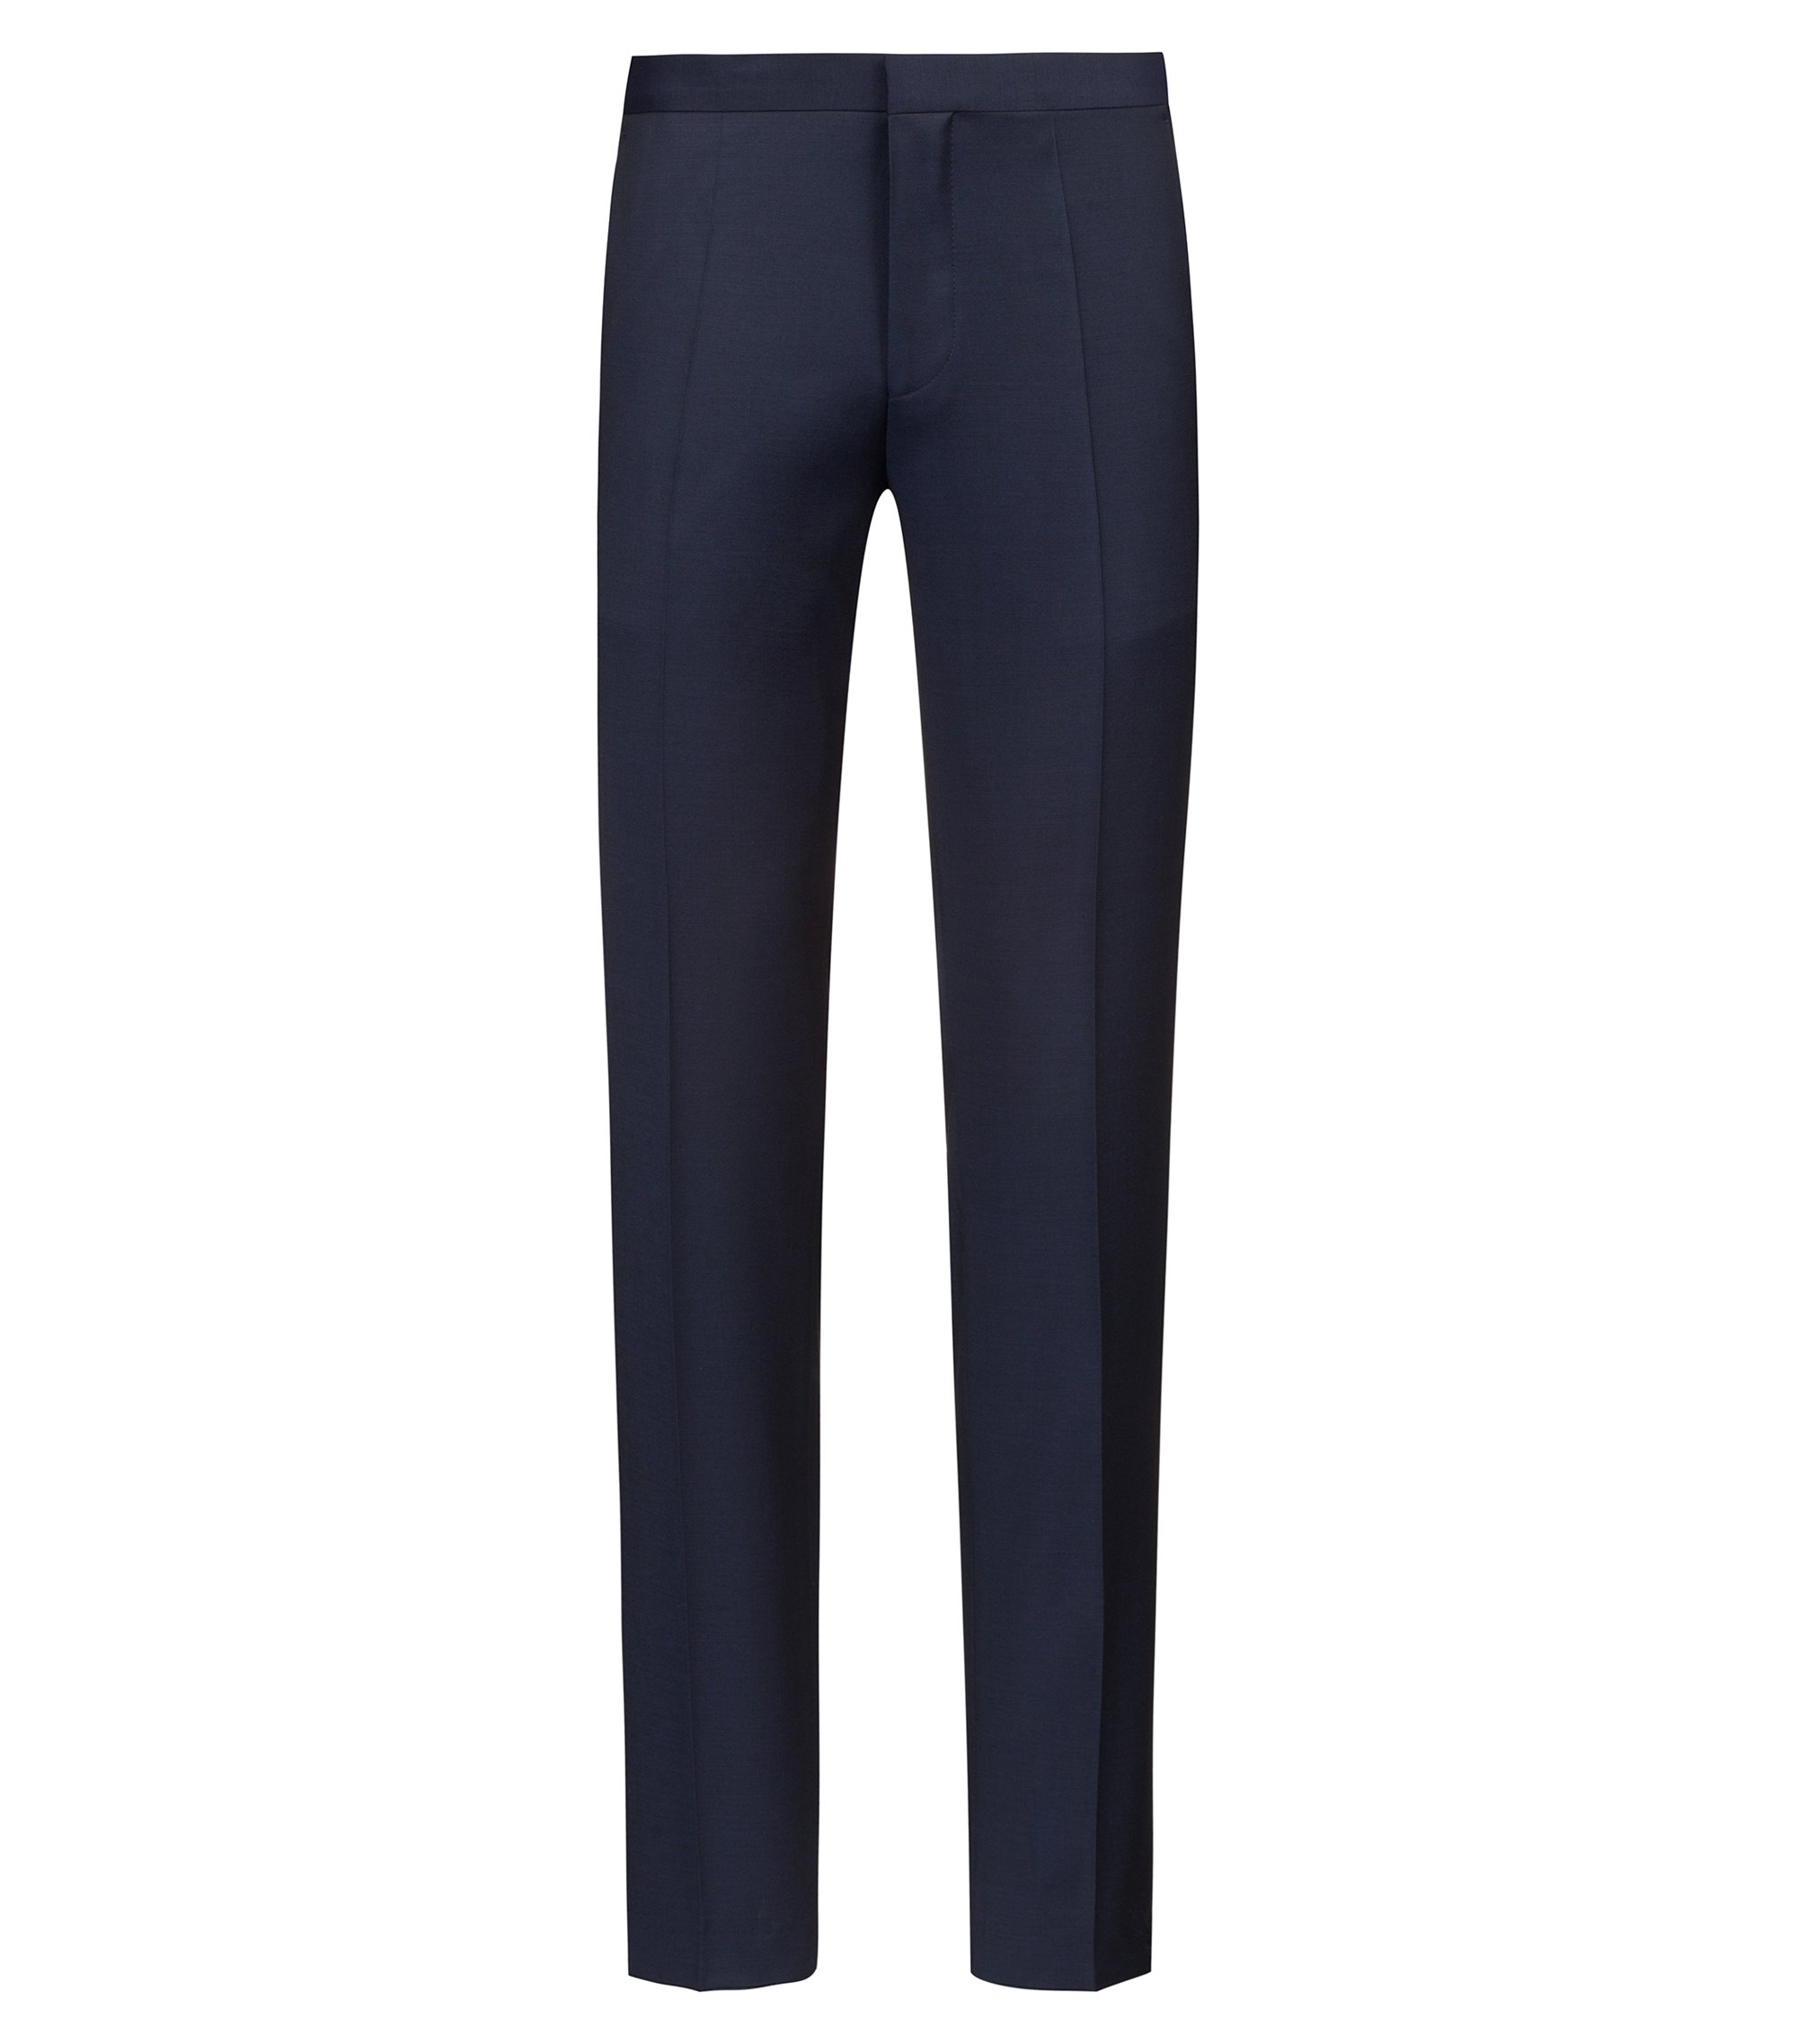 Pantalon Extra Slim Fit en twill de laine vierge de la collection capsule Bits & Bytes, Bleu foncé